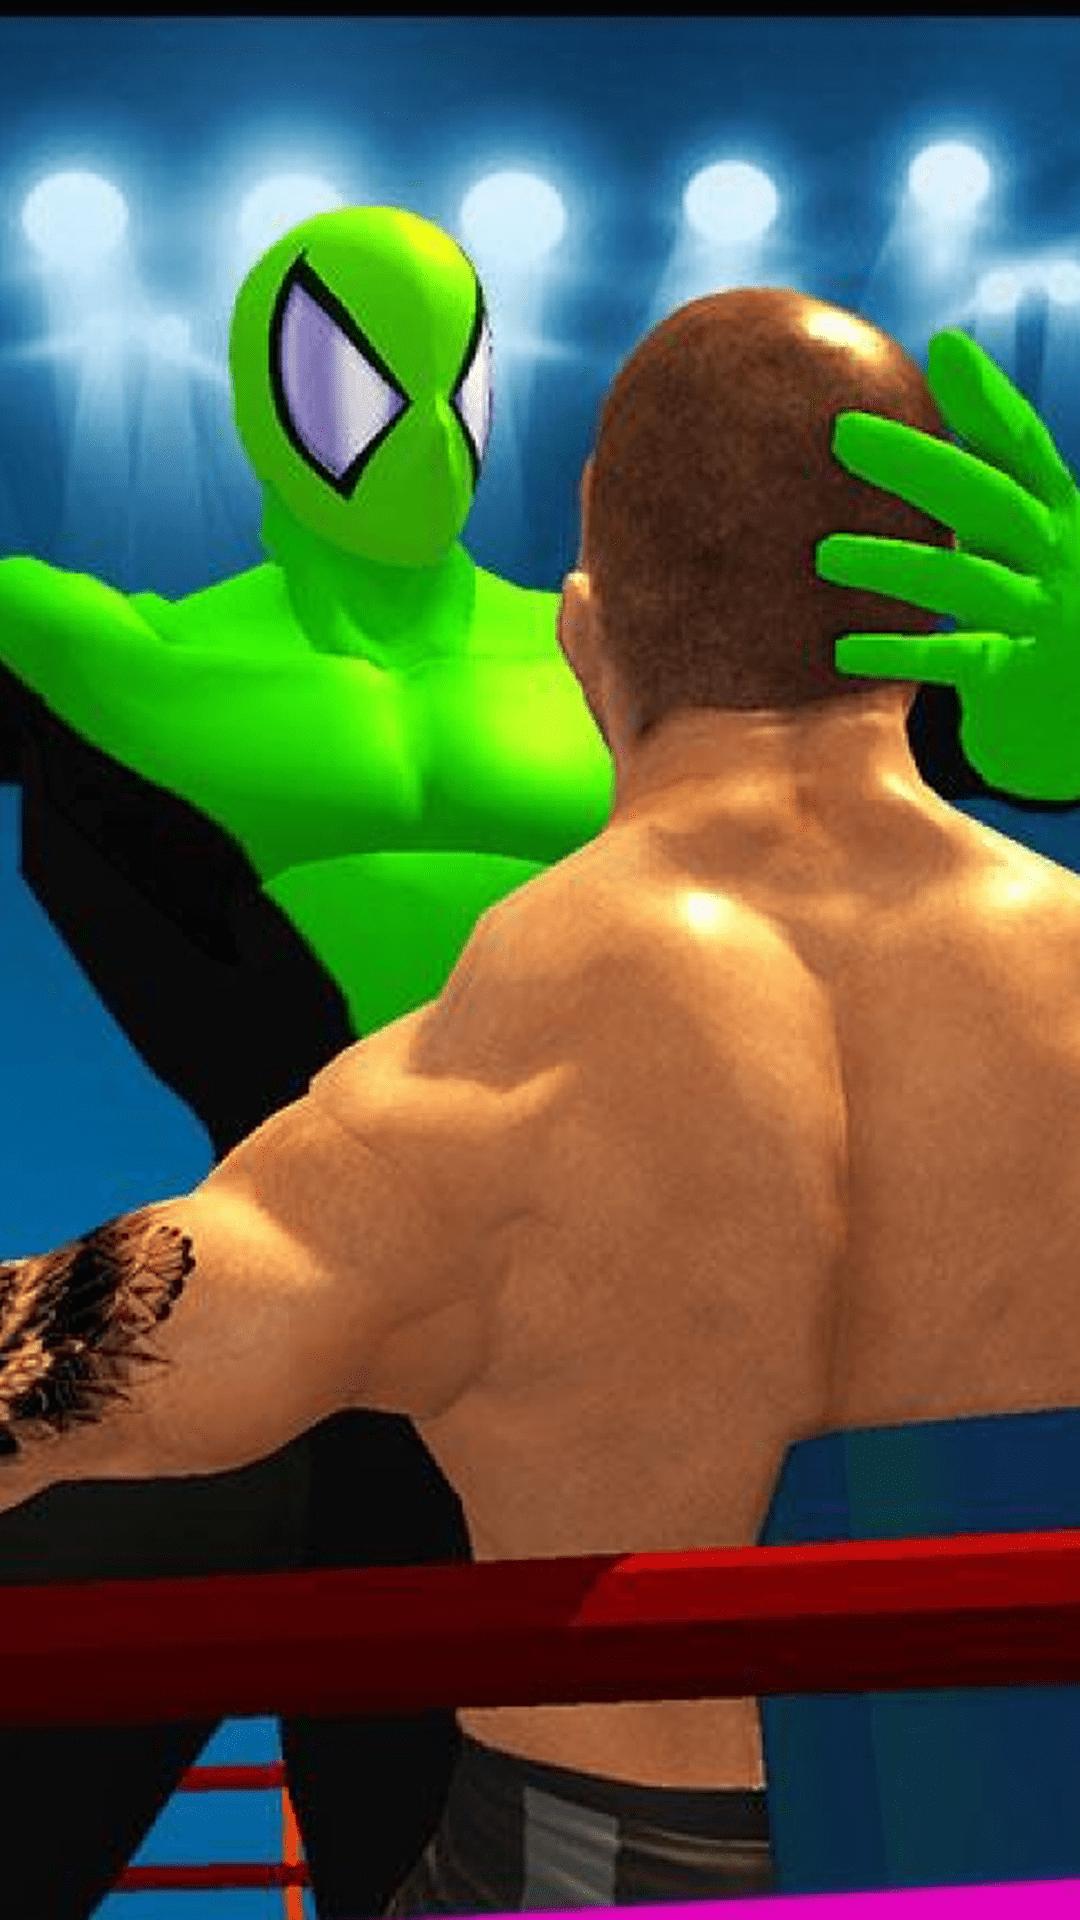 超级英雄格斗擂台游戏